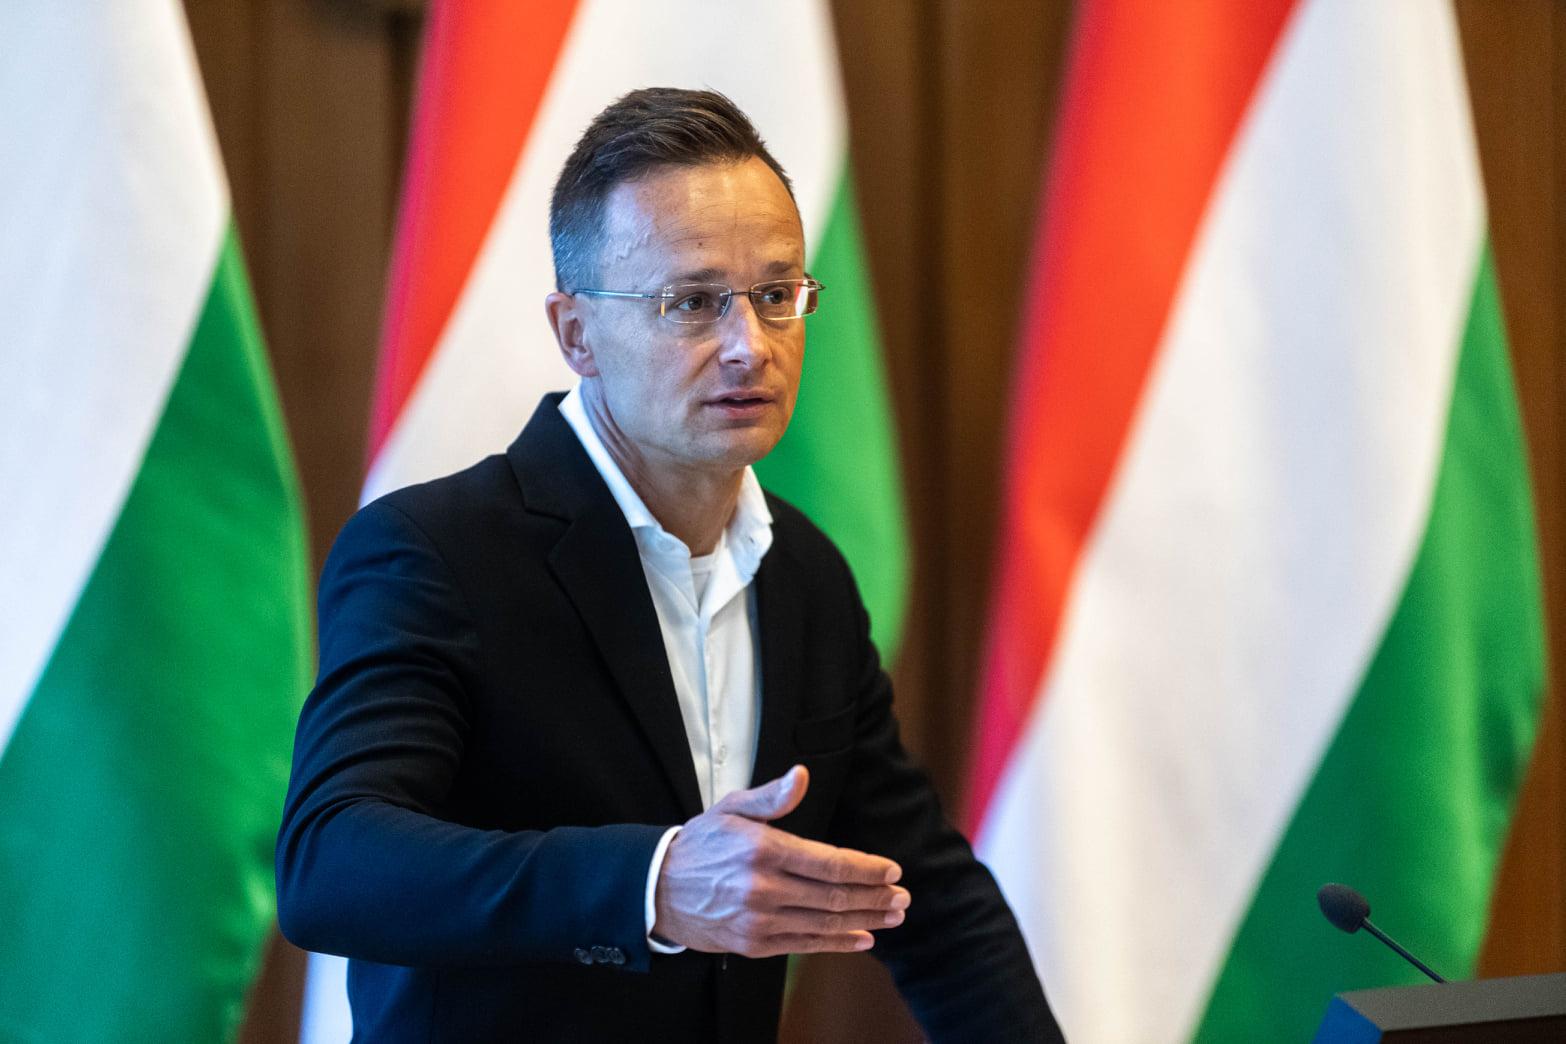 FM Szijjártó Strikes Back after Criticism of Hungarian Fans' Unacceptable Behavior